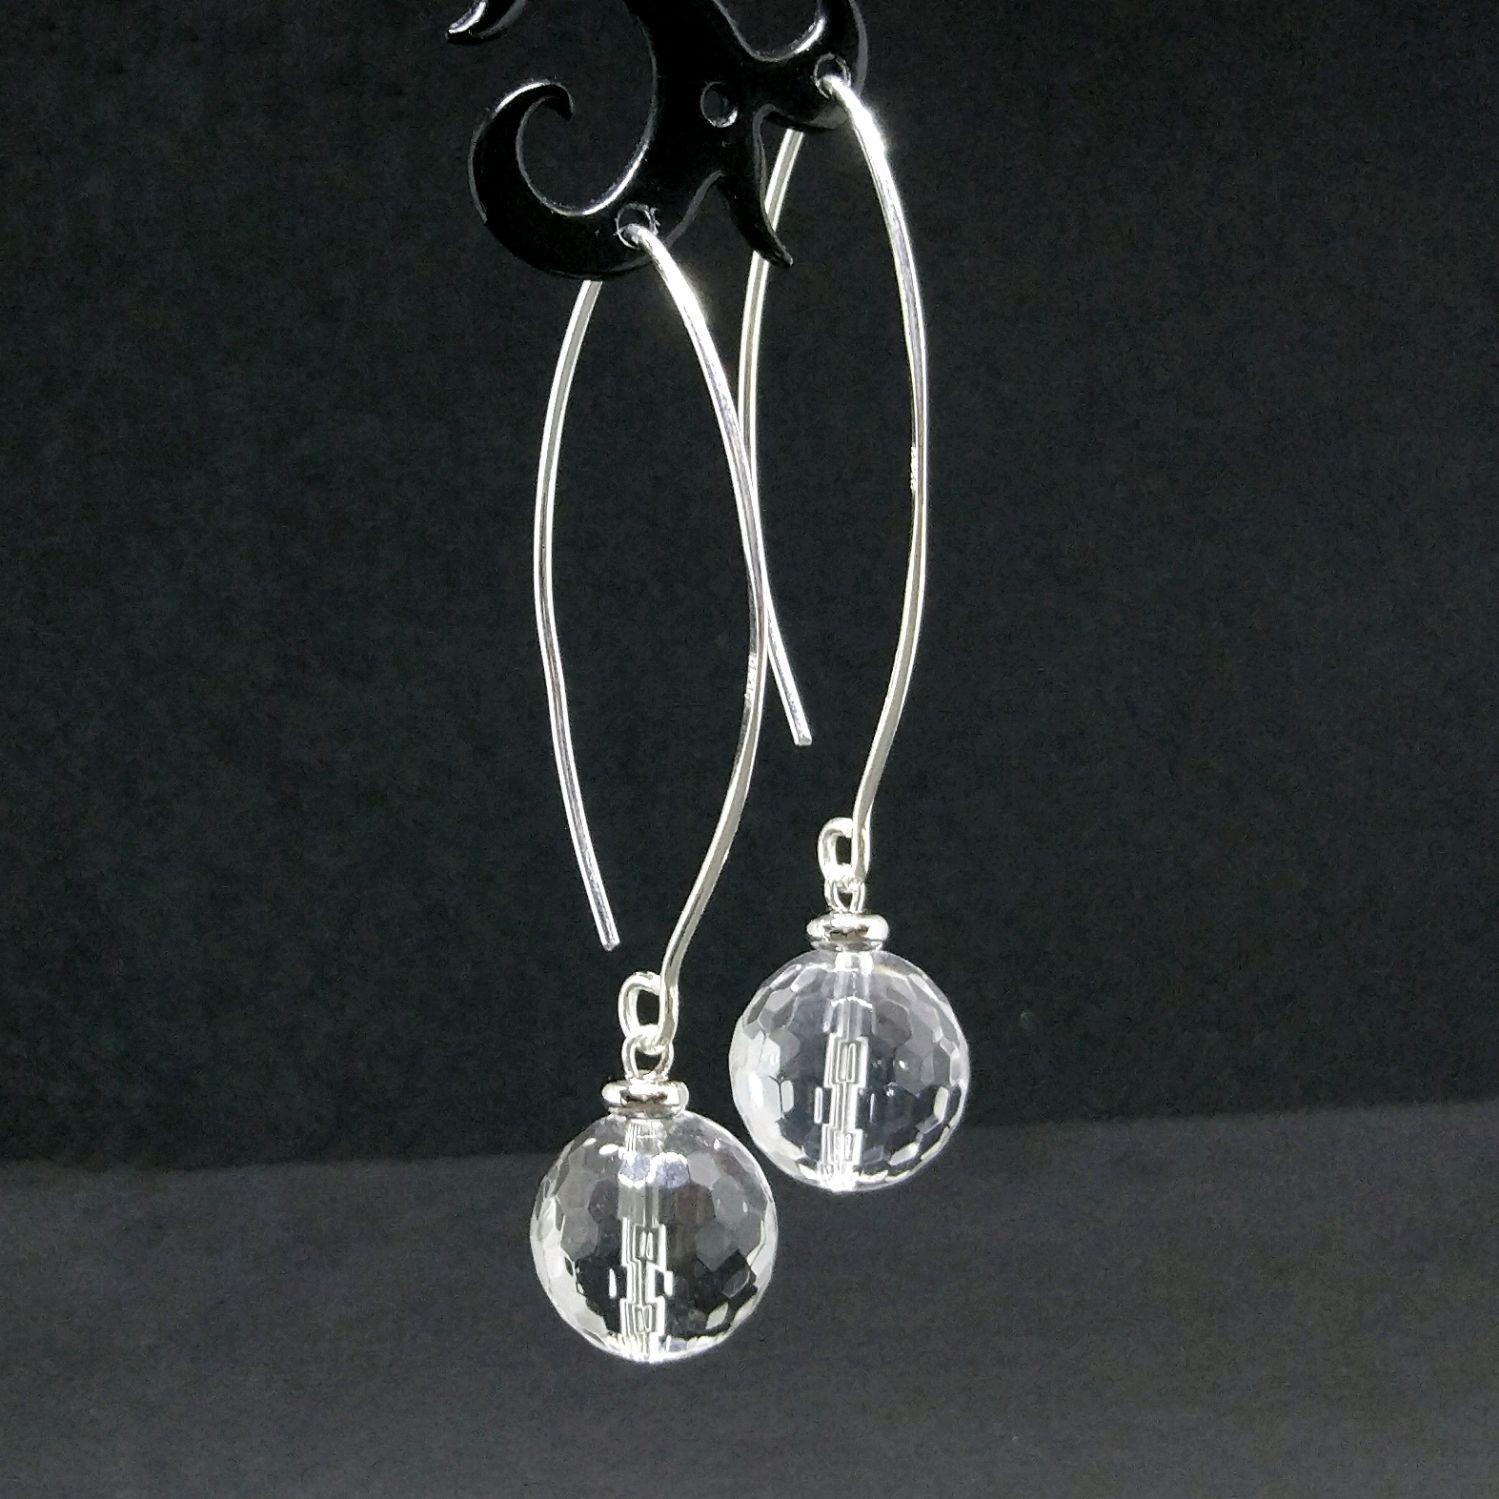 e5afa76855a5 Серьги горный хрусталь серебро 925 - купить или заказать в интернет ...